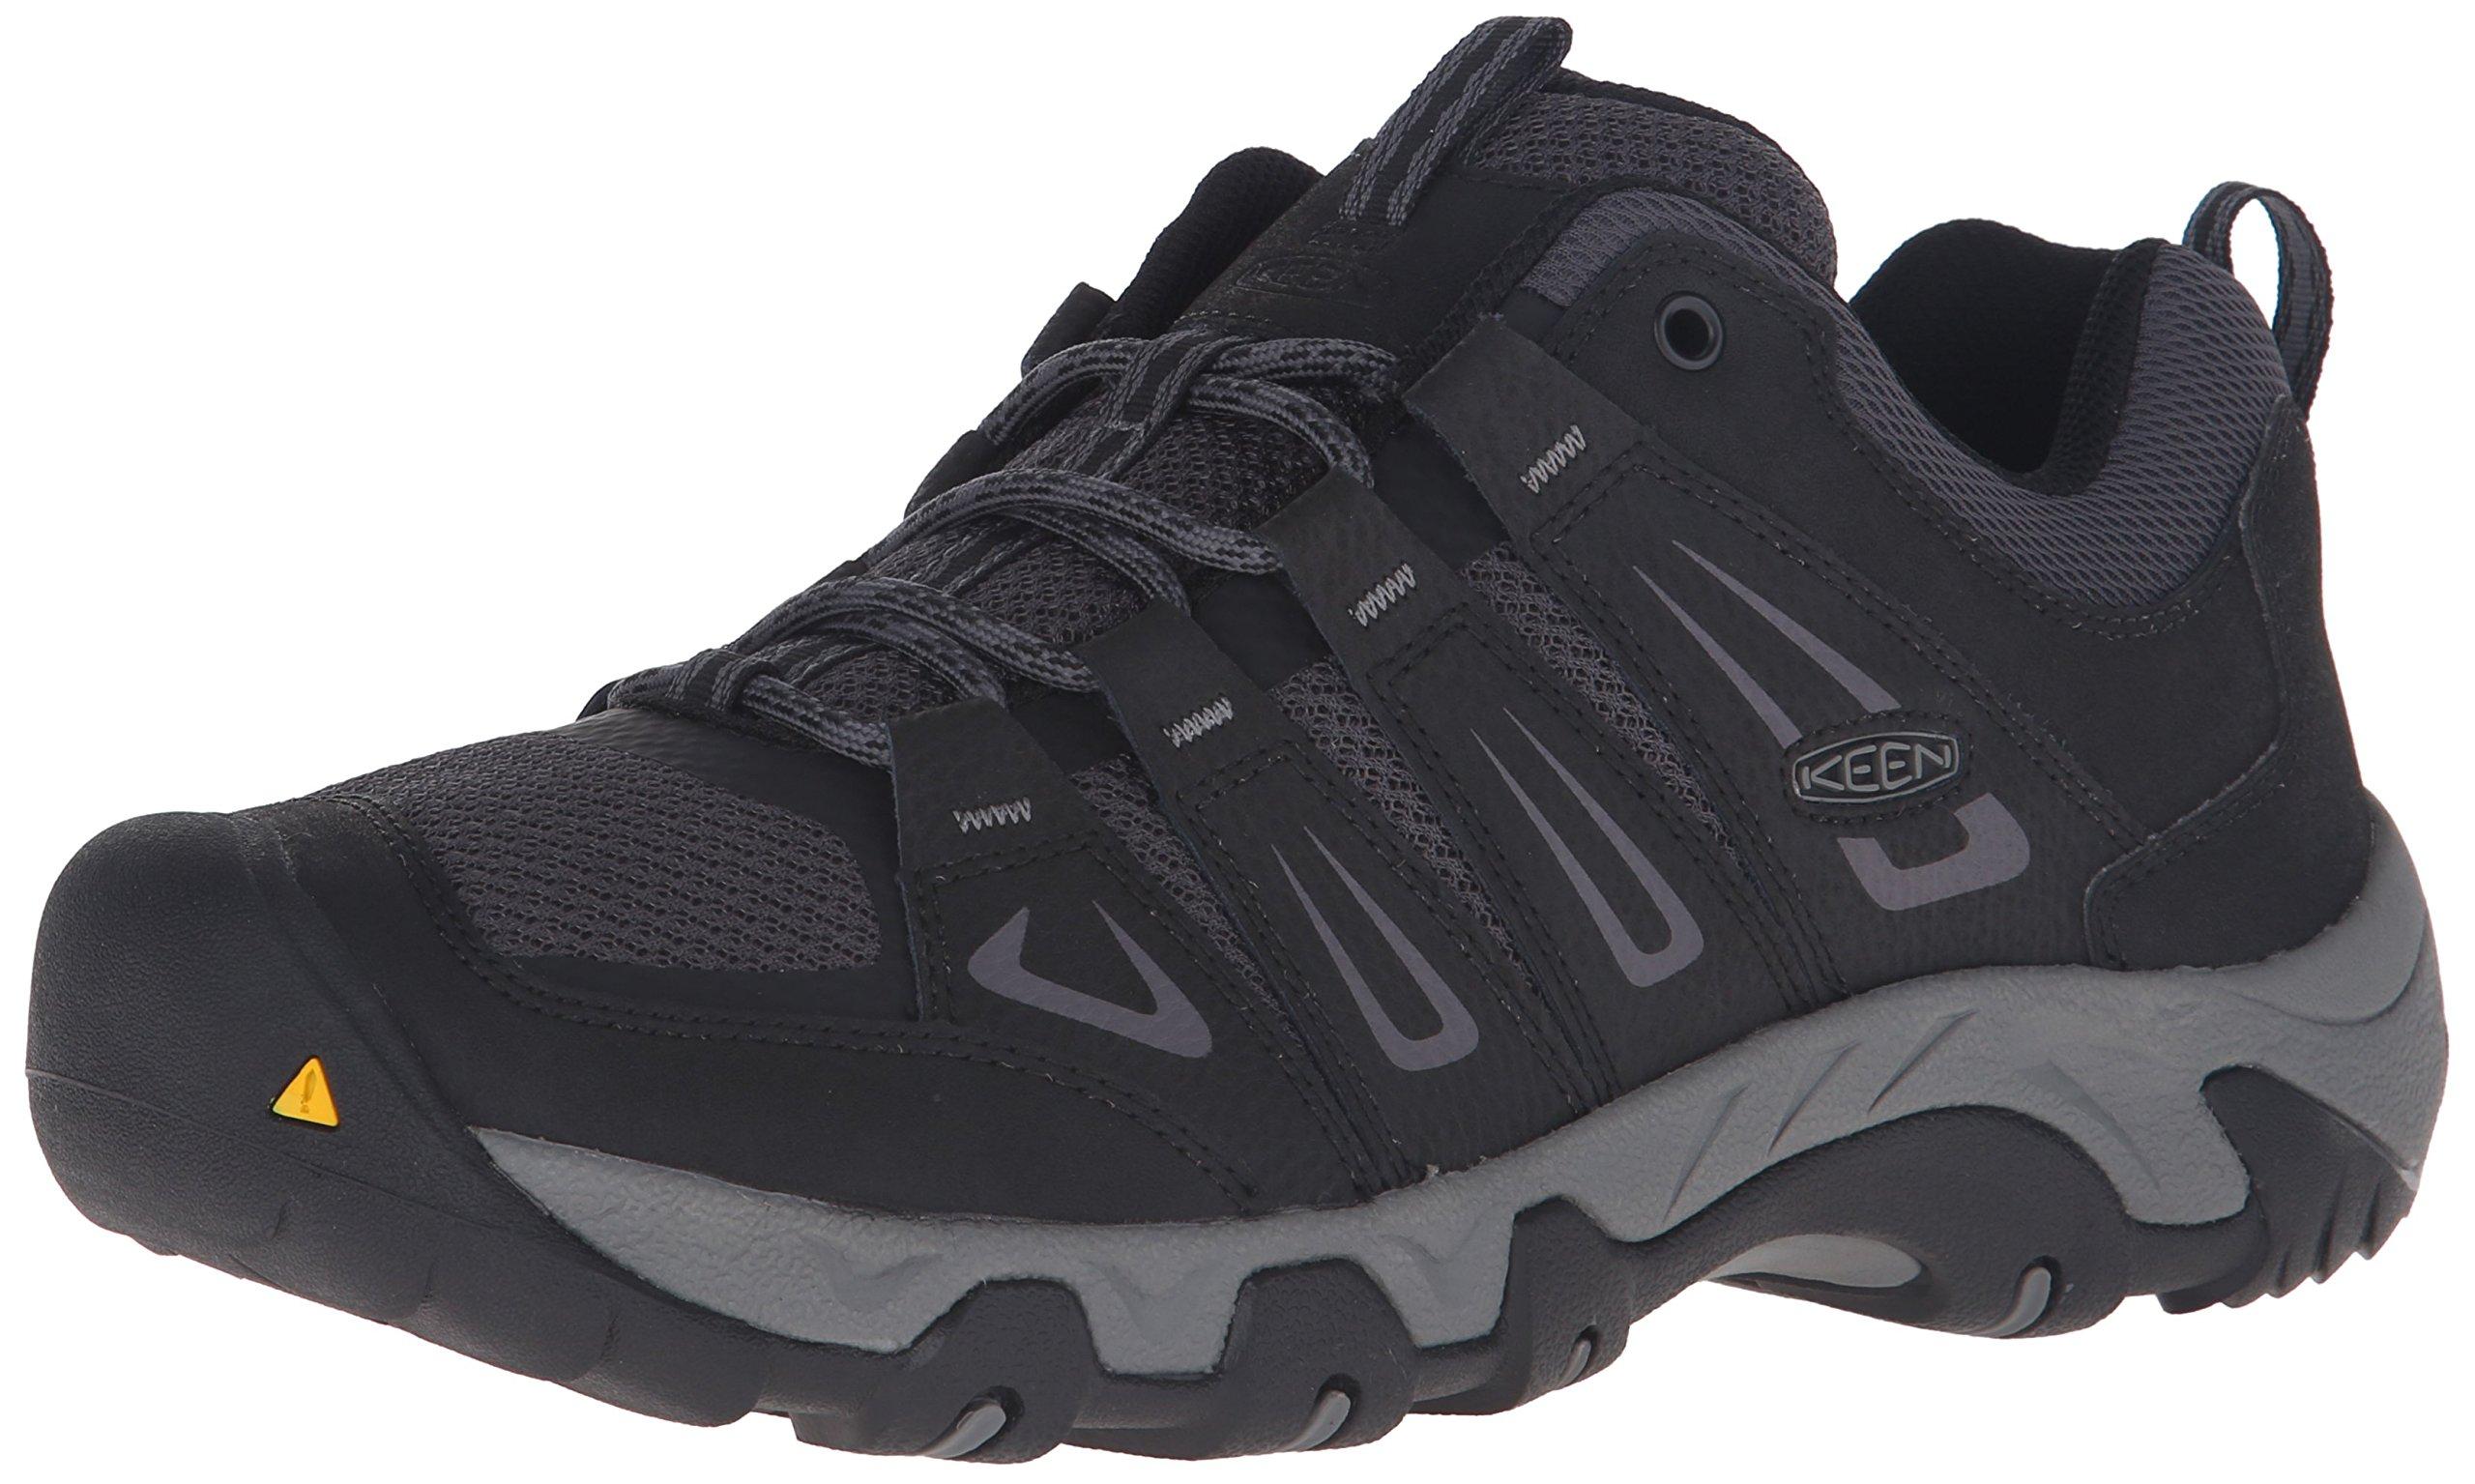 KEEN Men's Oakridge Shoe, Black/Gargoyle, 11 M US by KEEN